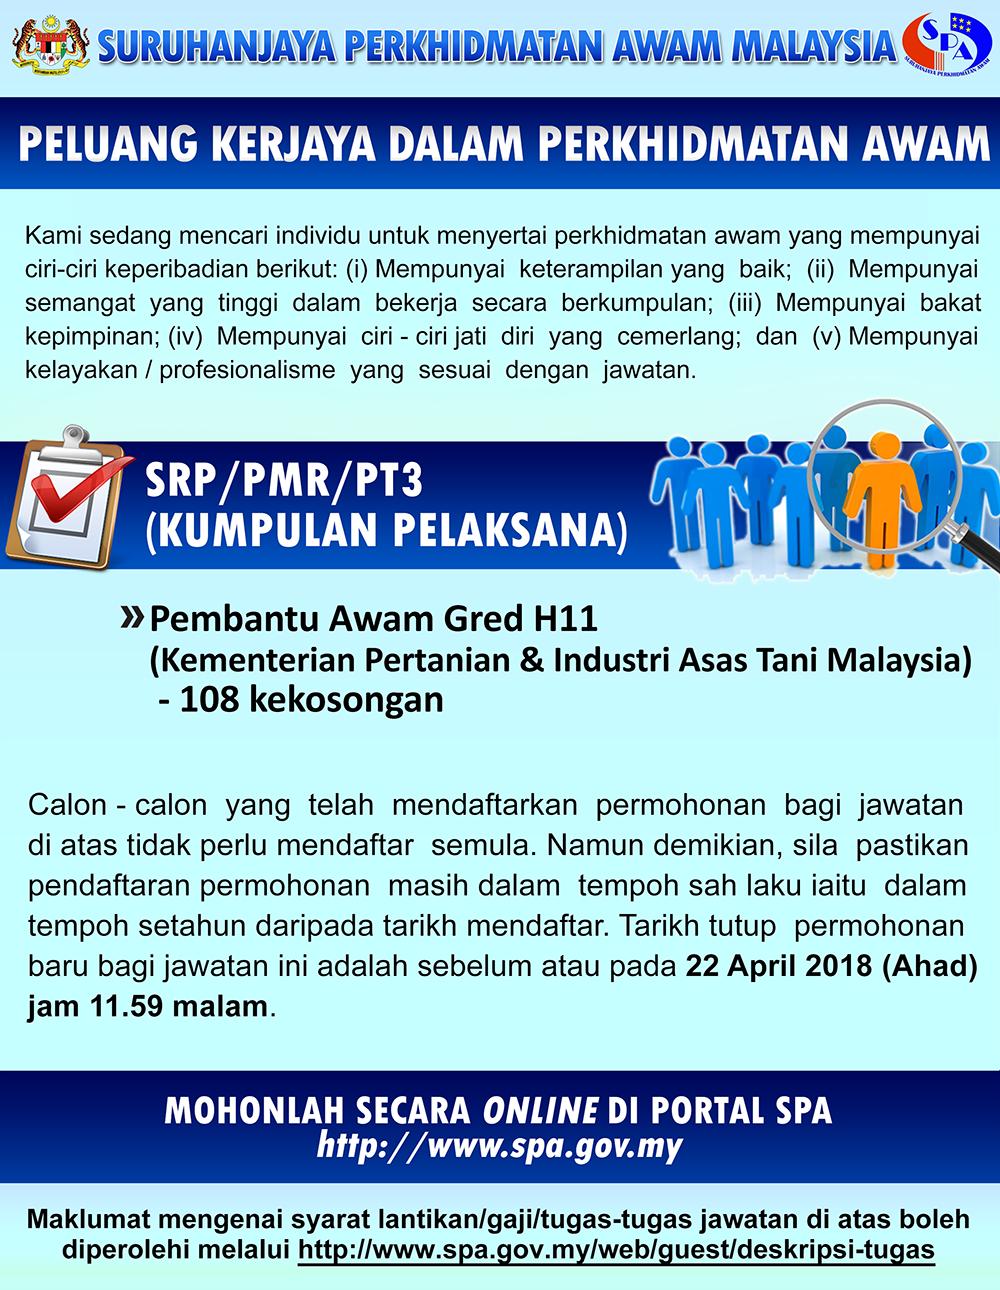 Permohonan Jawatan Kosong Pembantu Awam Gred H11 2018 Sumber Kerjaya